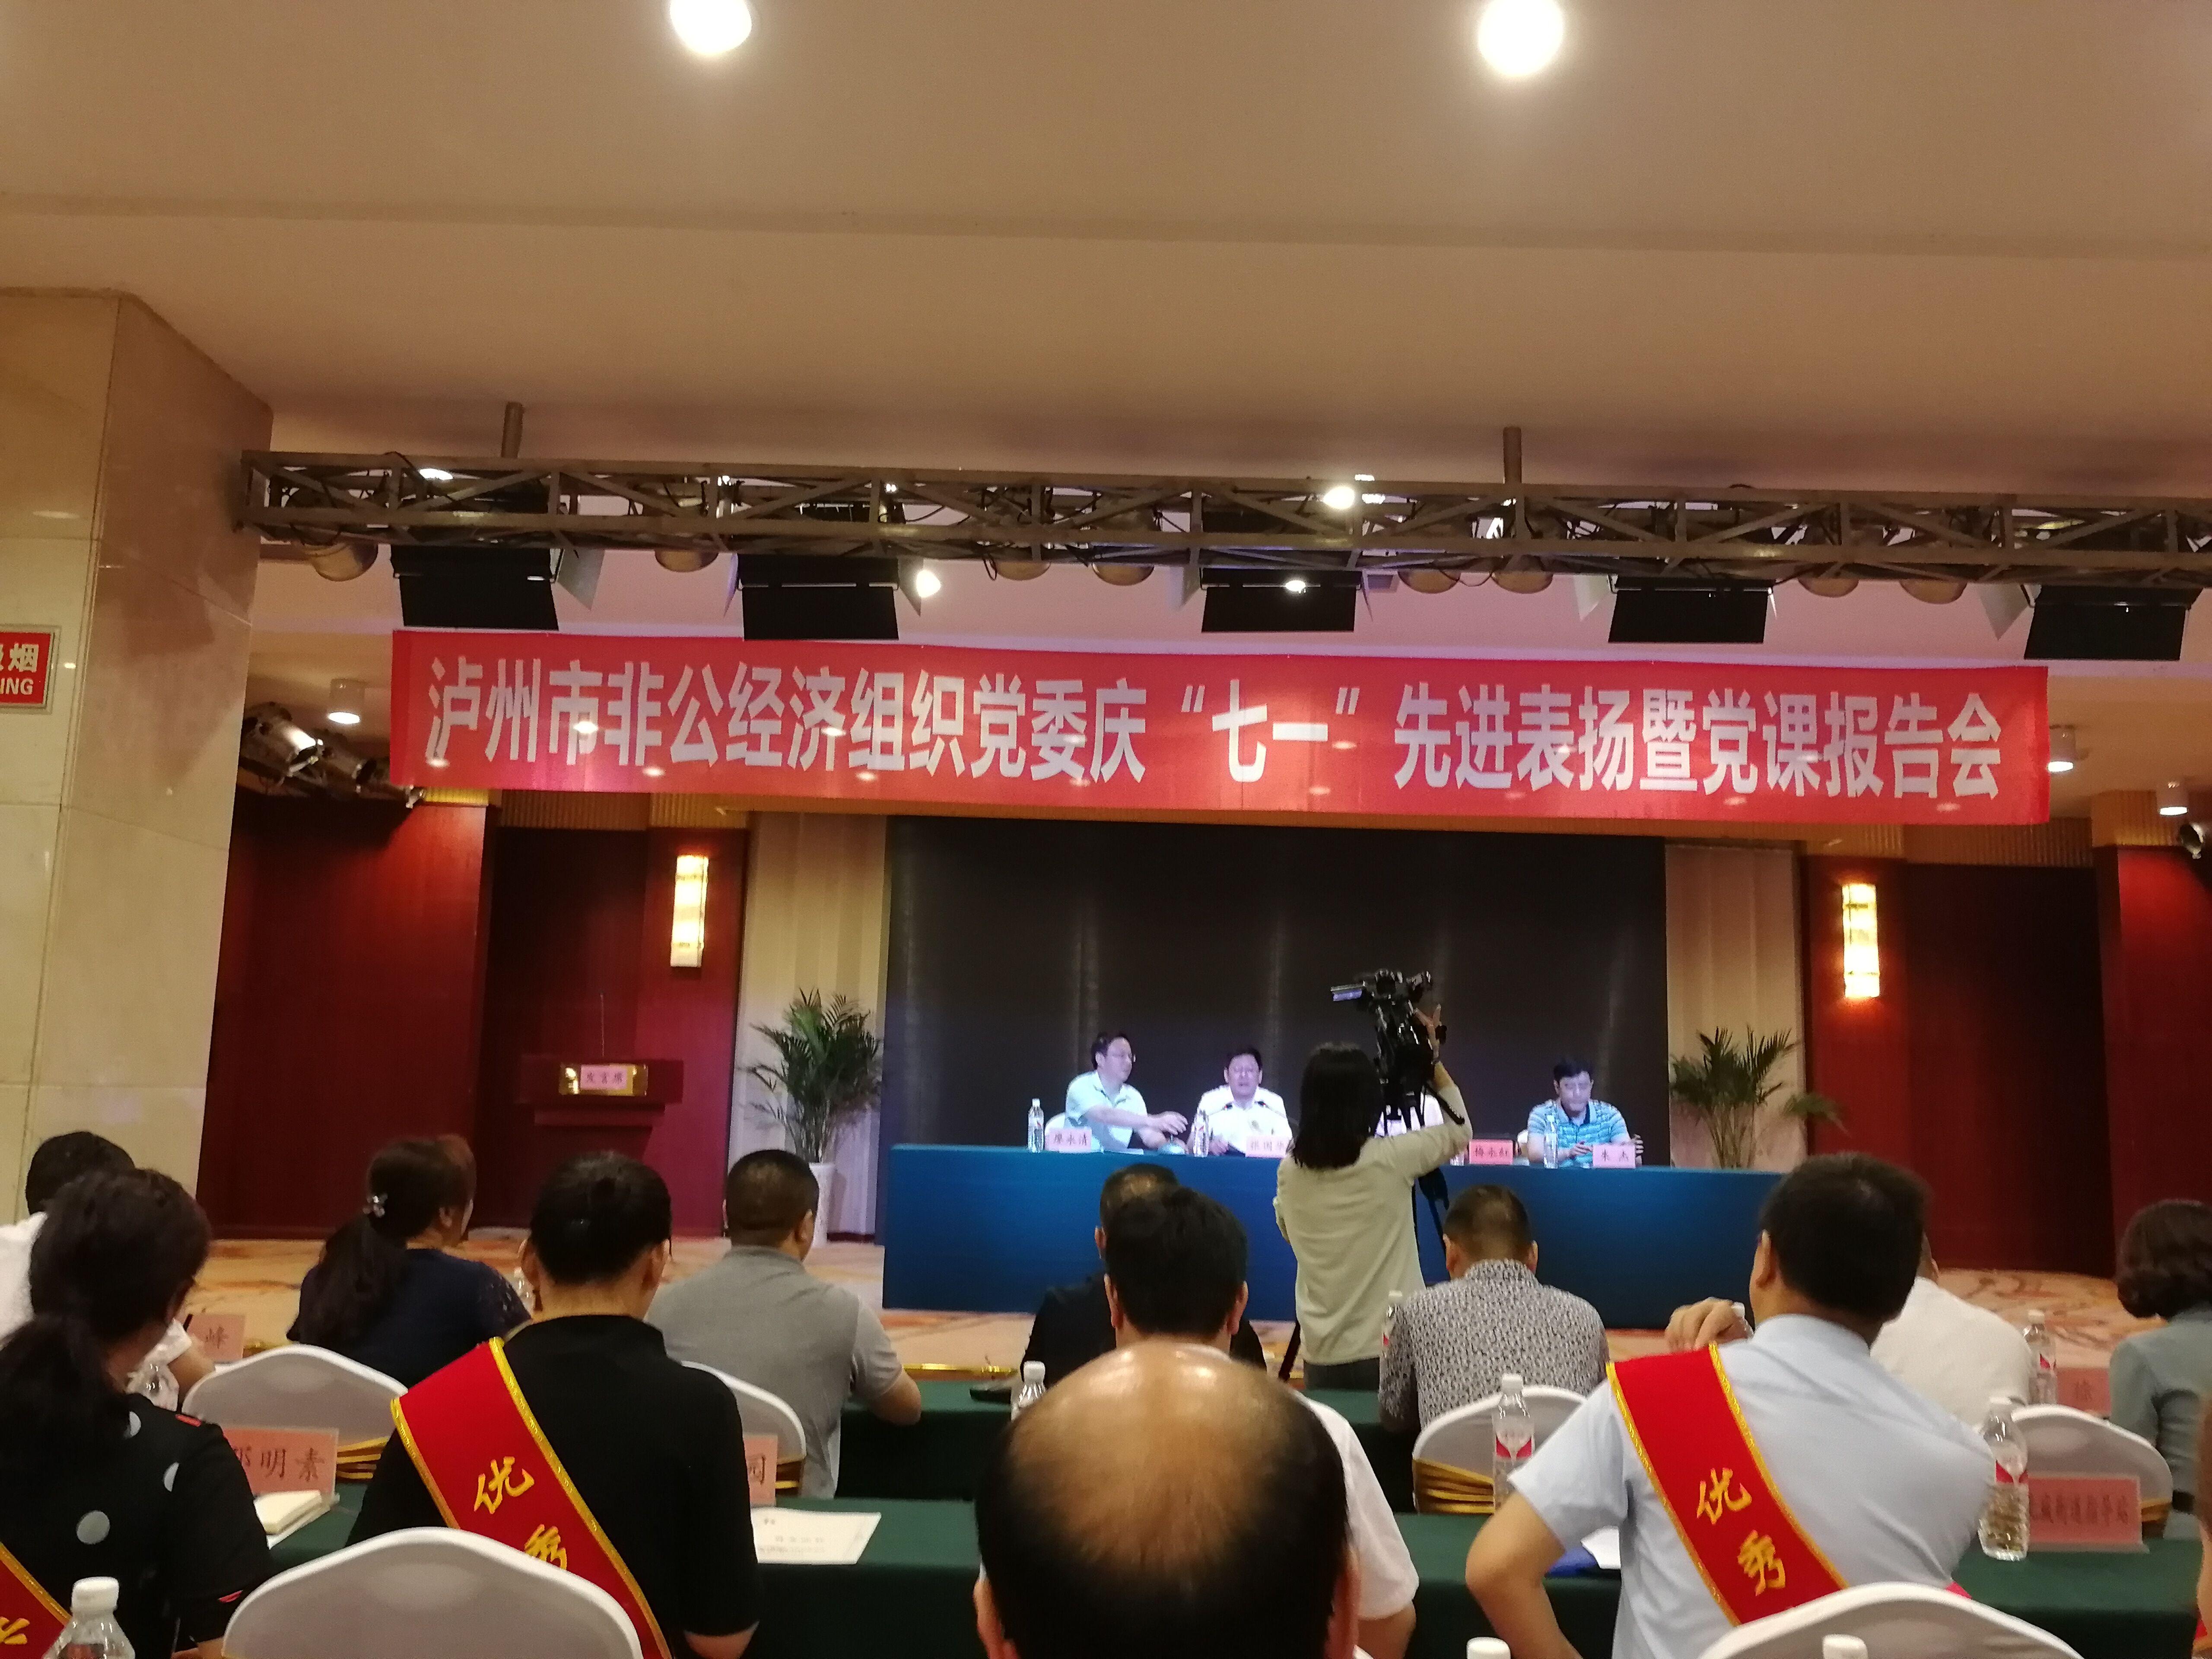 天寿健康集团公司党委被授予先进基层党组织荣誉称号